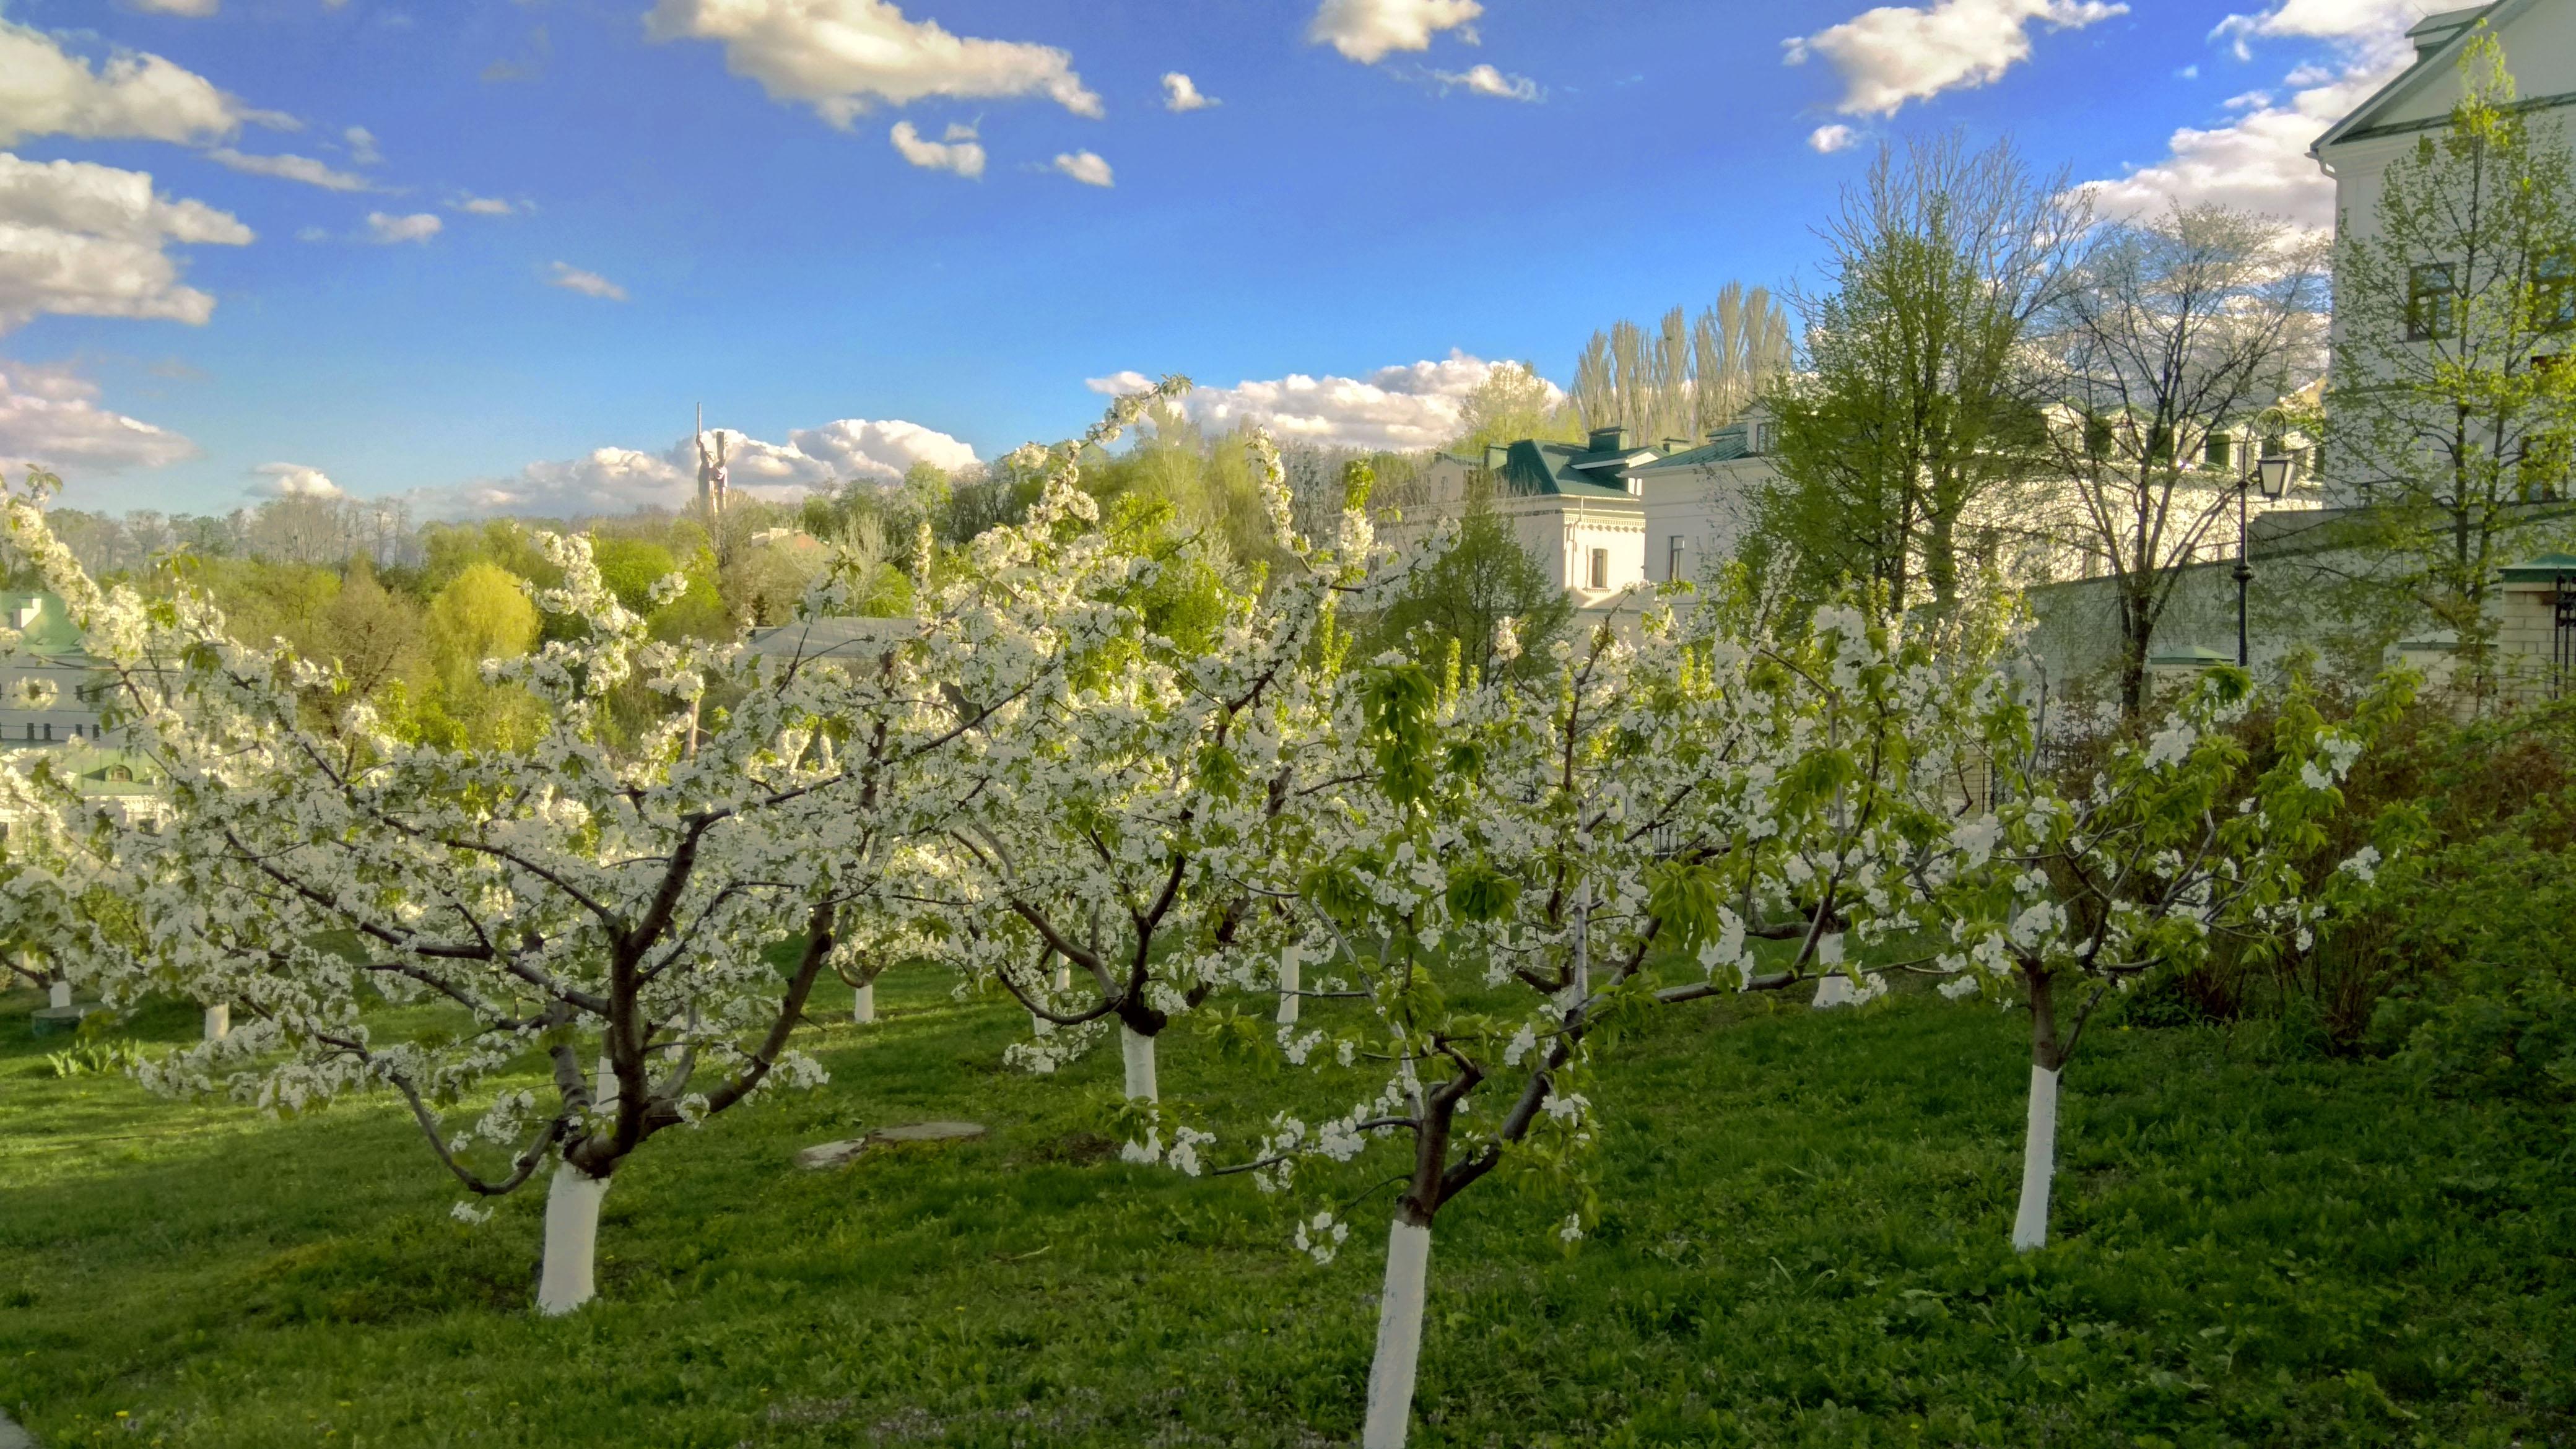 широкоформатные обои для рабочего стола ранняя весна, абрикосы, цветение, 4160 на 2340 пикселей